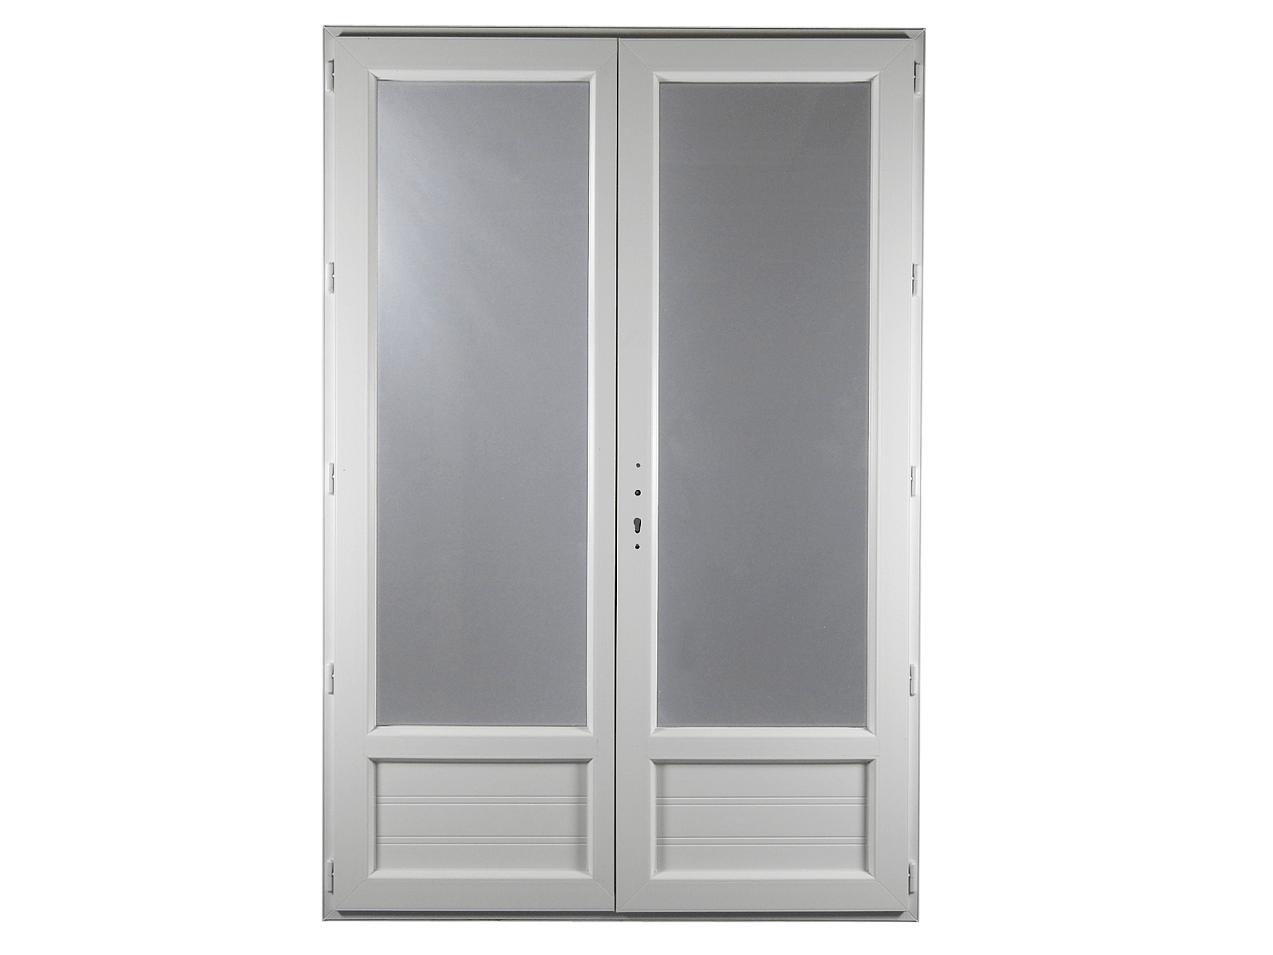 Porte fen tre pvc gamme e pro 2 vantaux h 205 x l 120 cm for Porte fenetre arrondie